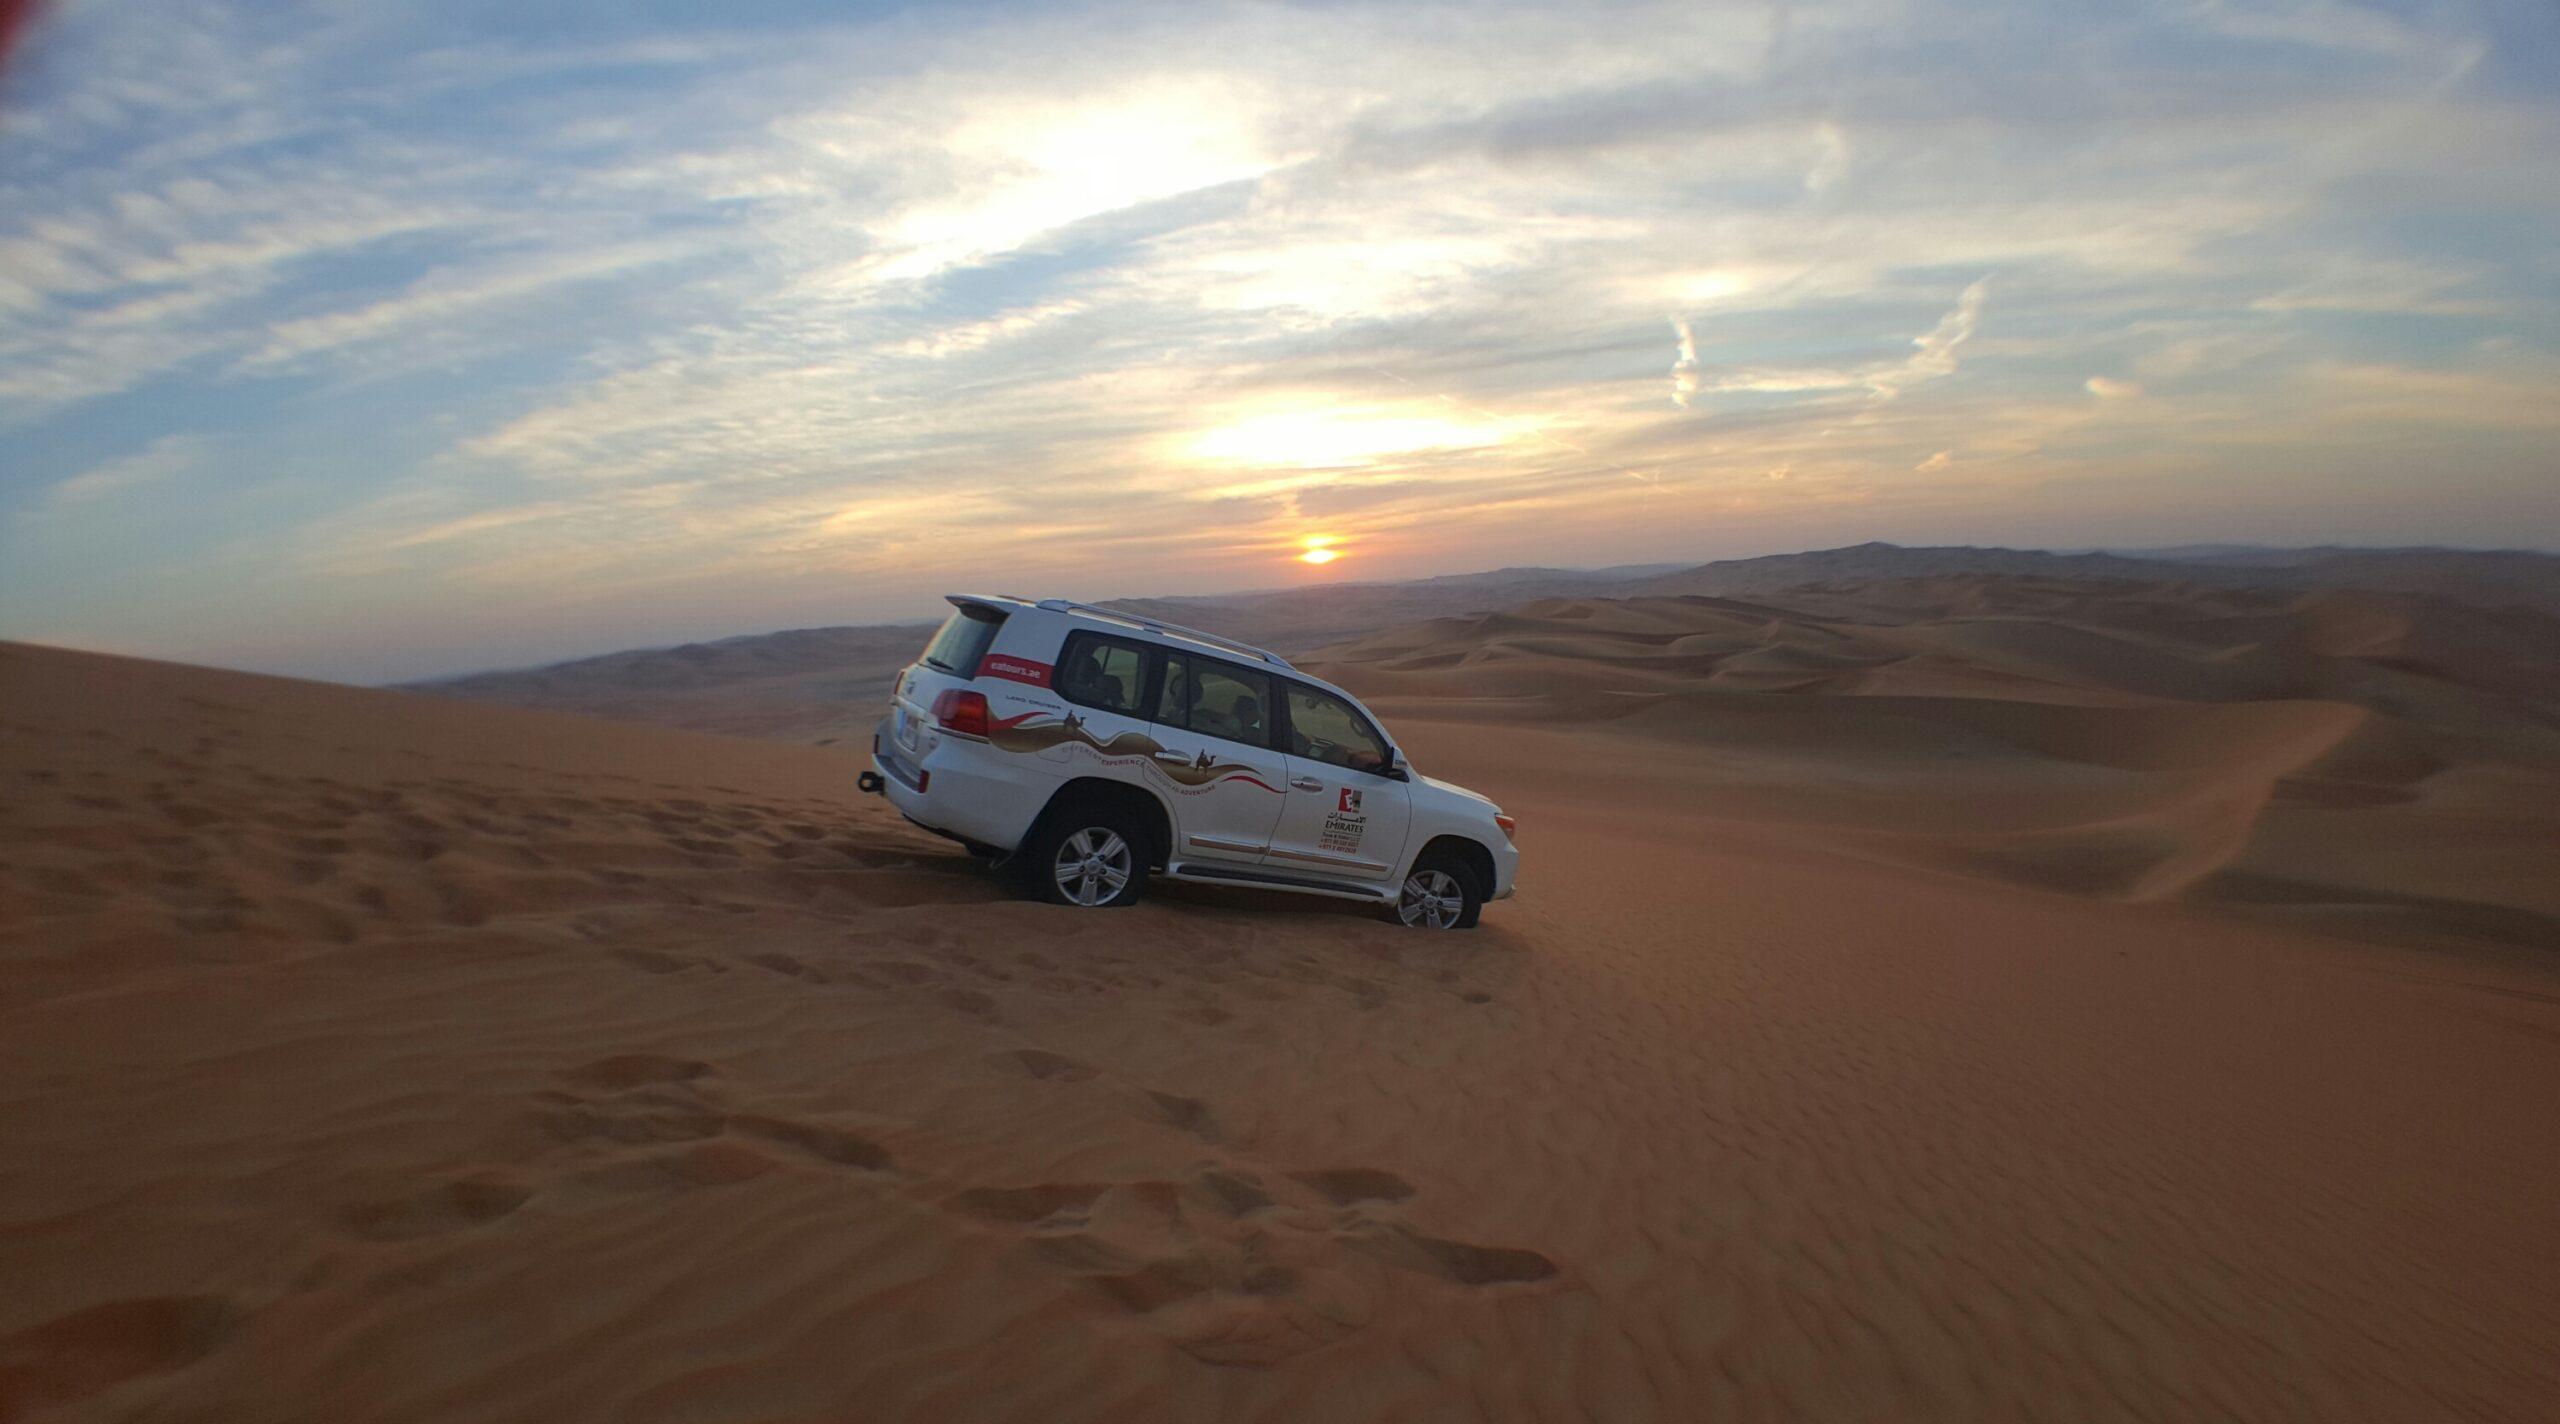 Empty Quarter Sunset Safari Abu Dhabi